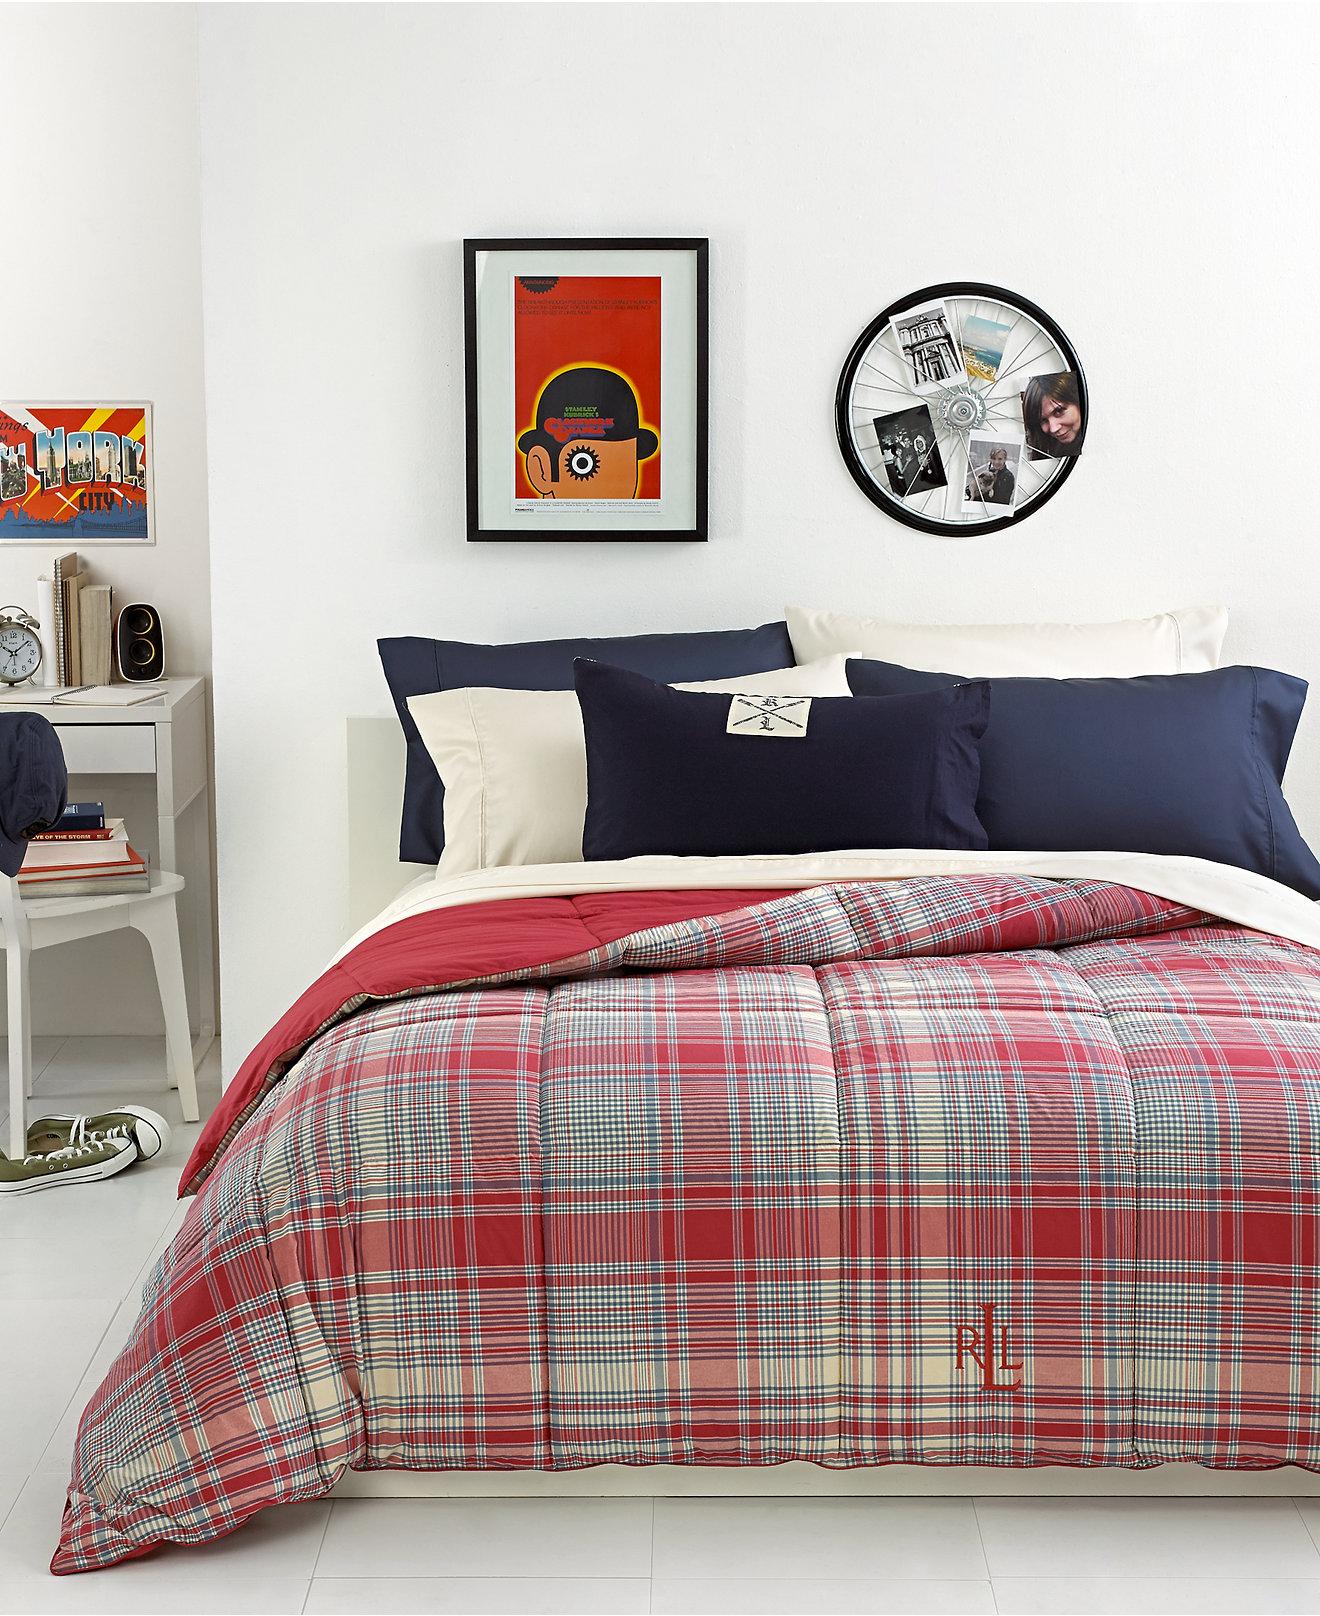 Ralph lauren plaid bedding - Lauren Ralph Lauren Nantucket Embroidered Logo Down Alternative Comforters